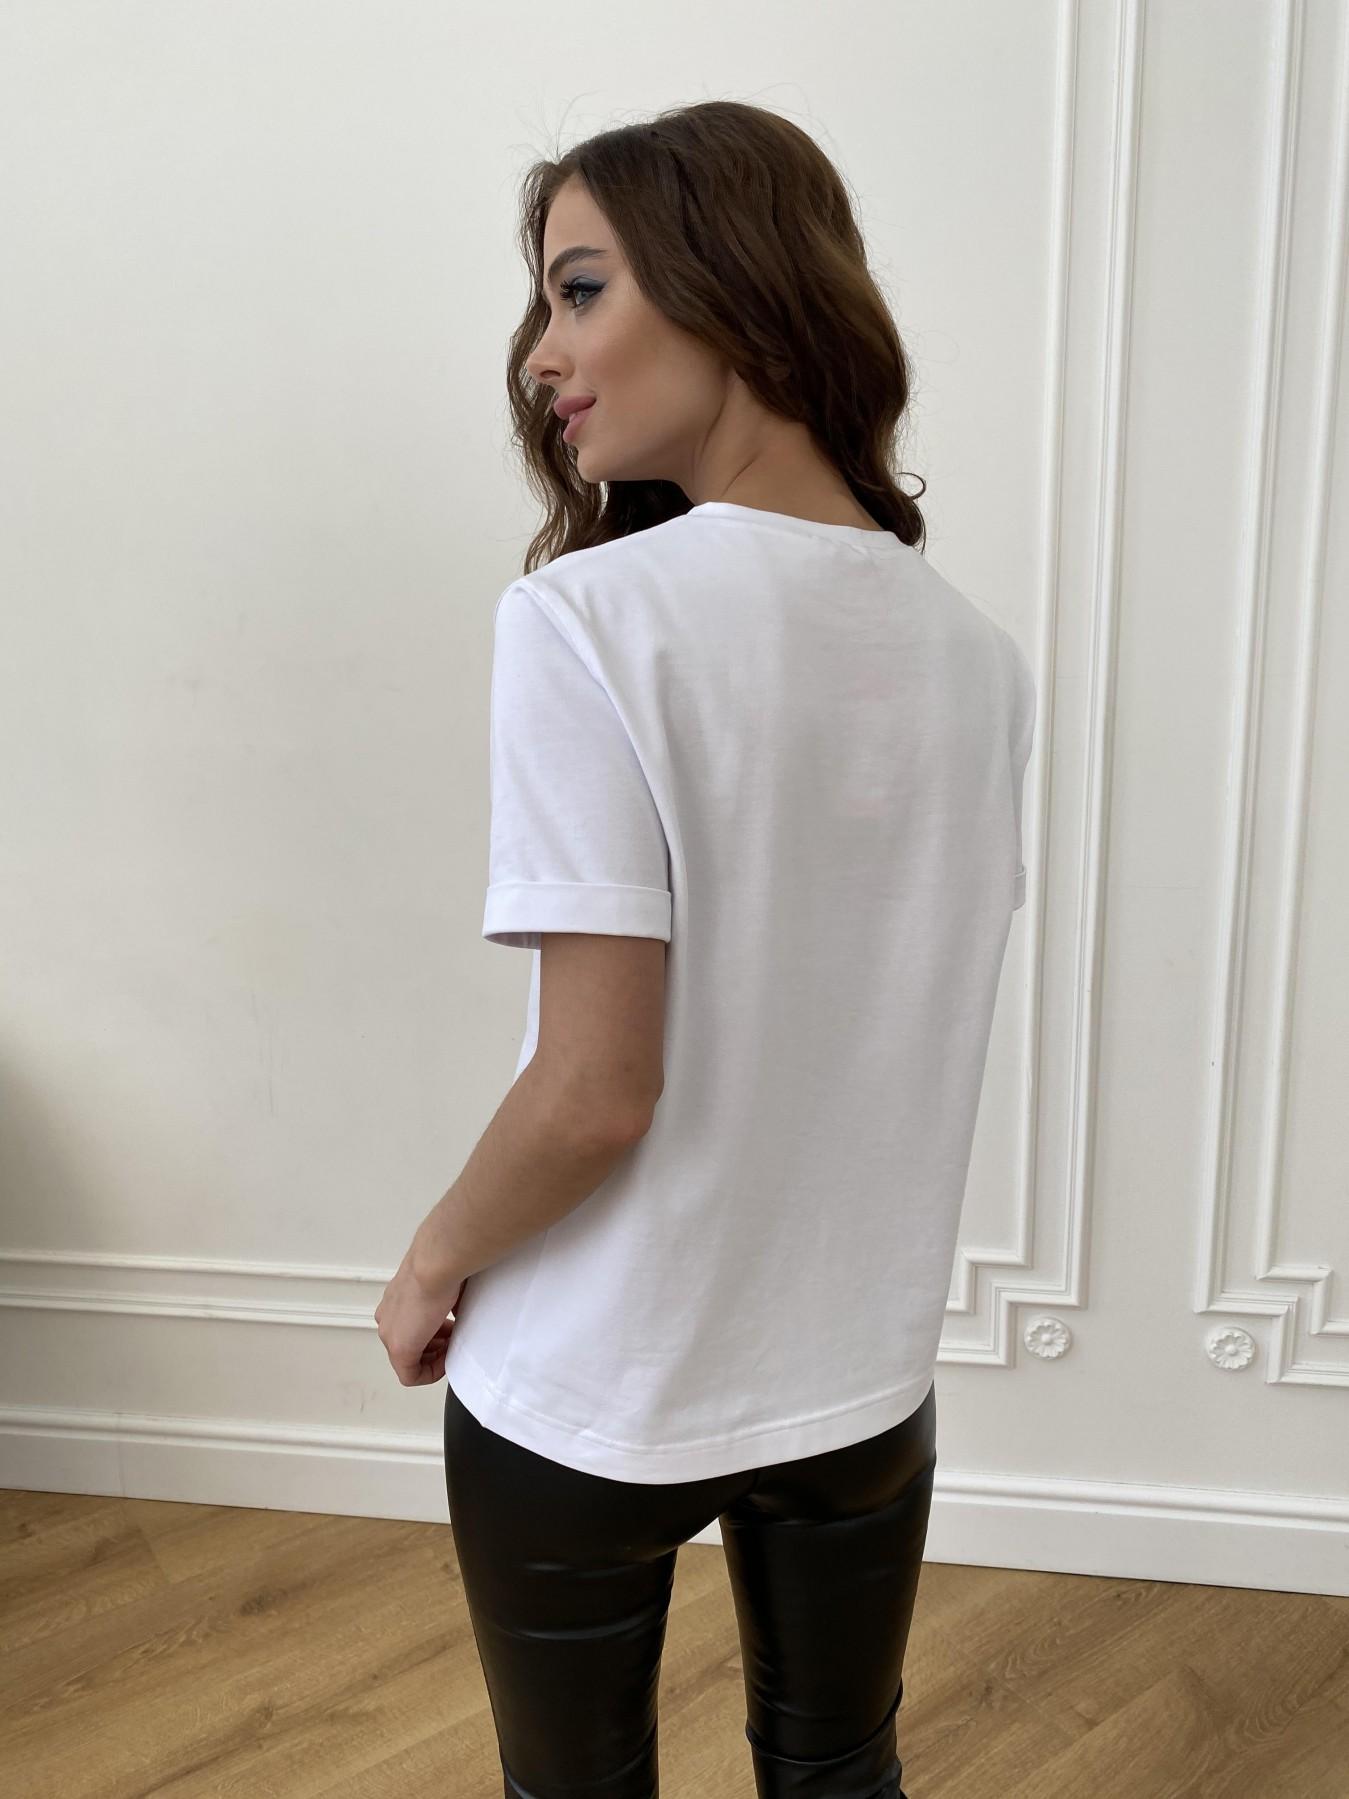 Давид вискоза однотонная стрейч хлопок футболка 11175 АРТ. 47663 Цвет: Белый - фото 7, интернет магазин tm-modus.ru